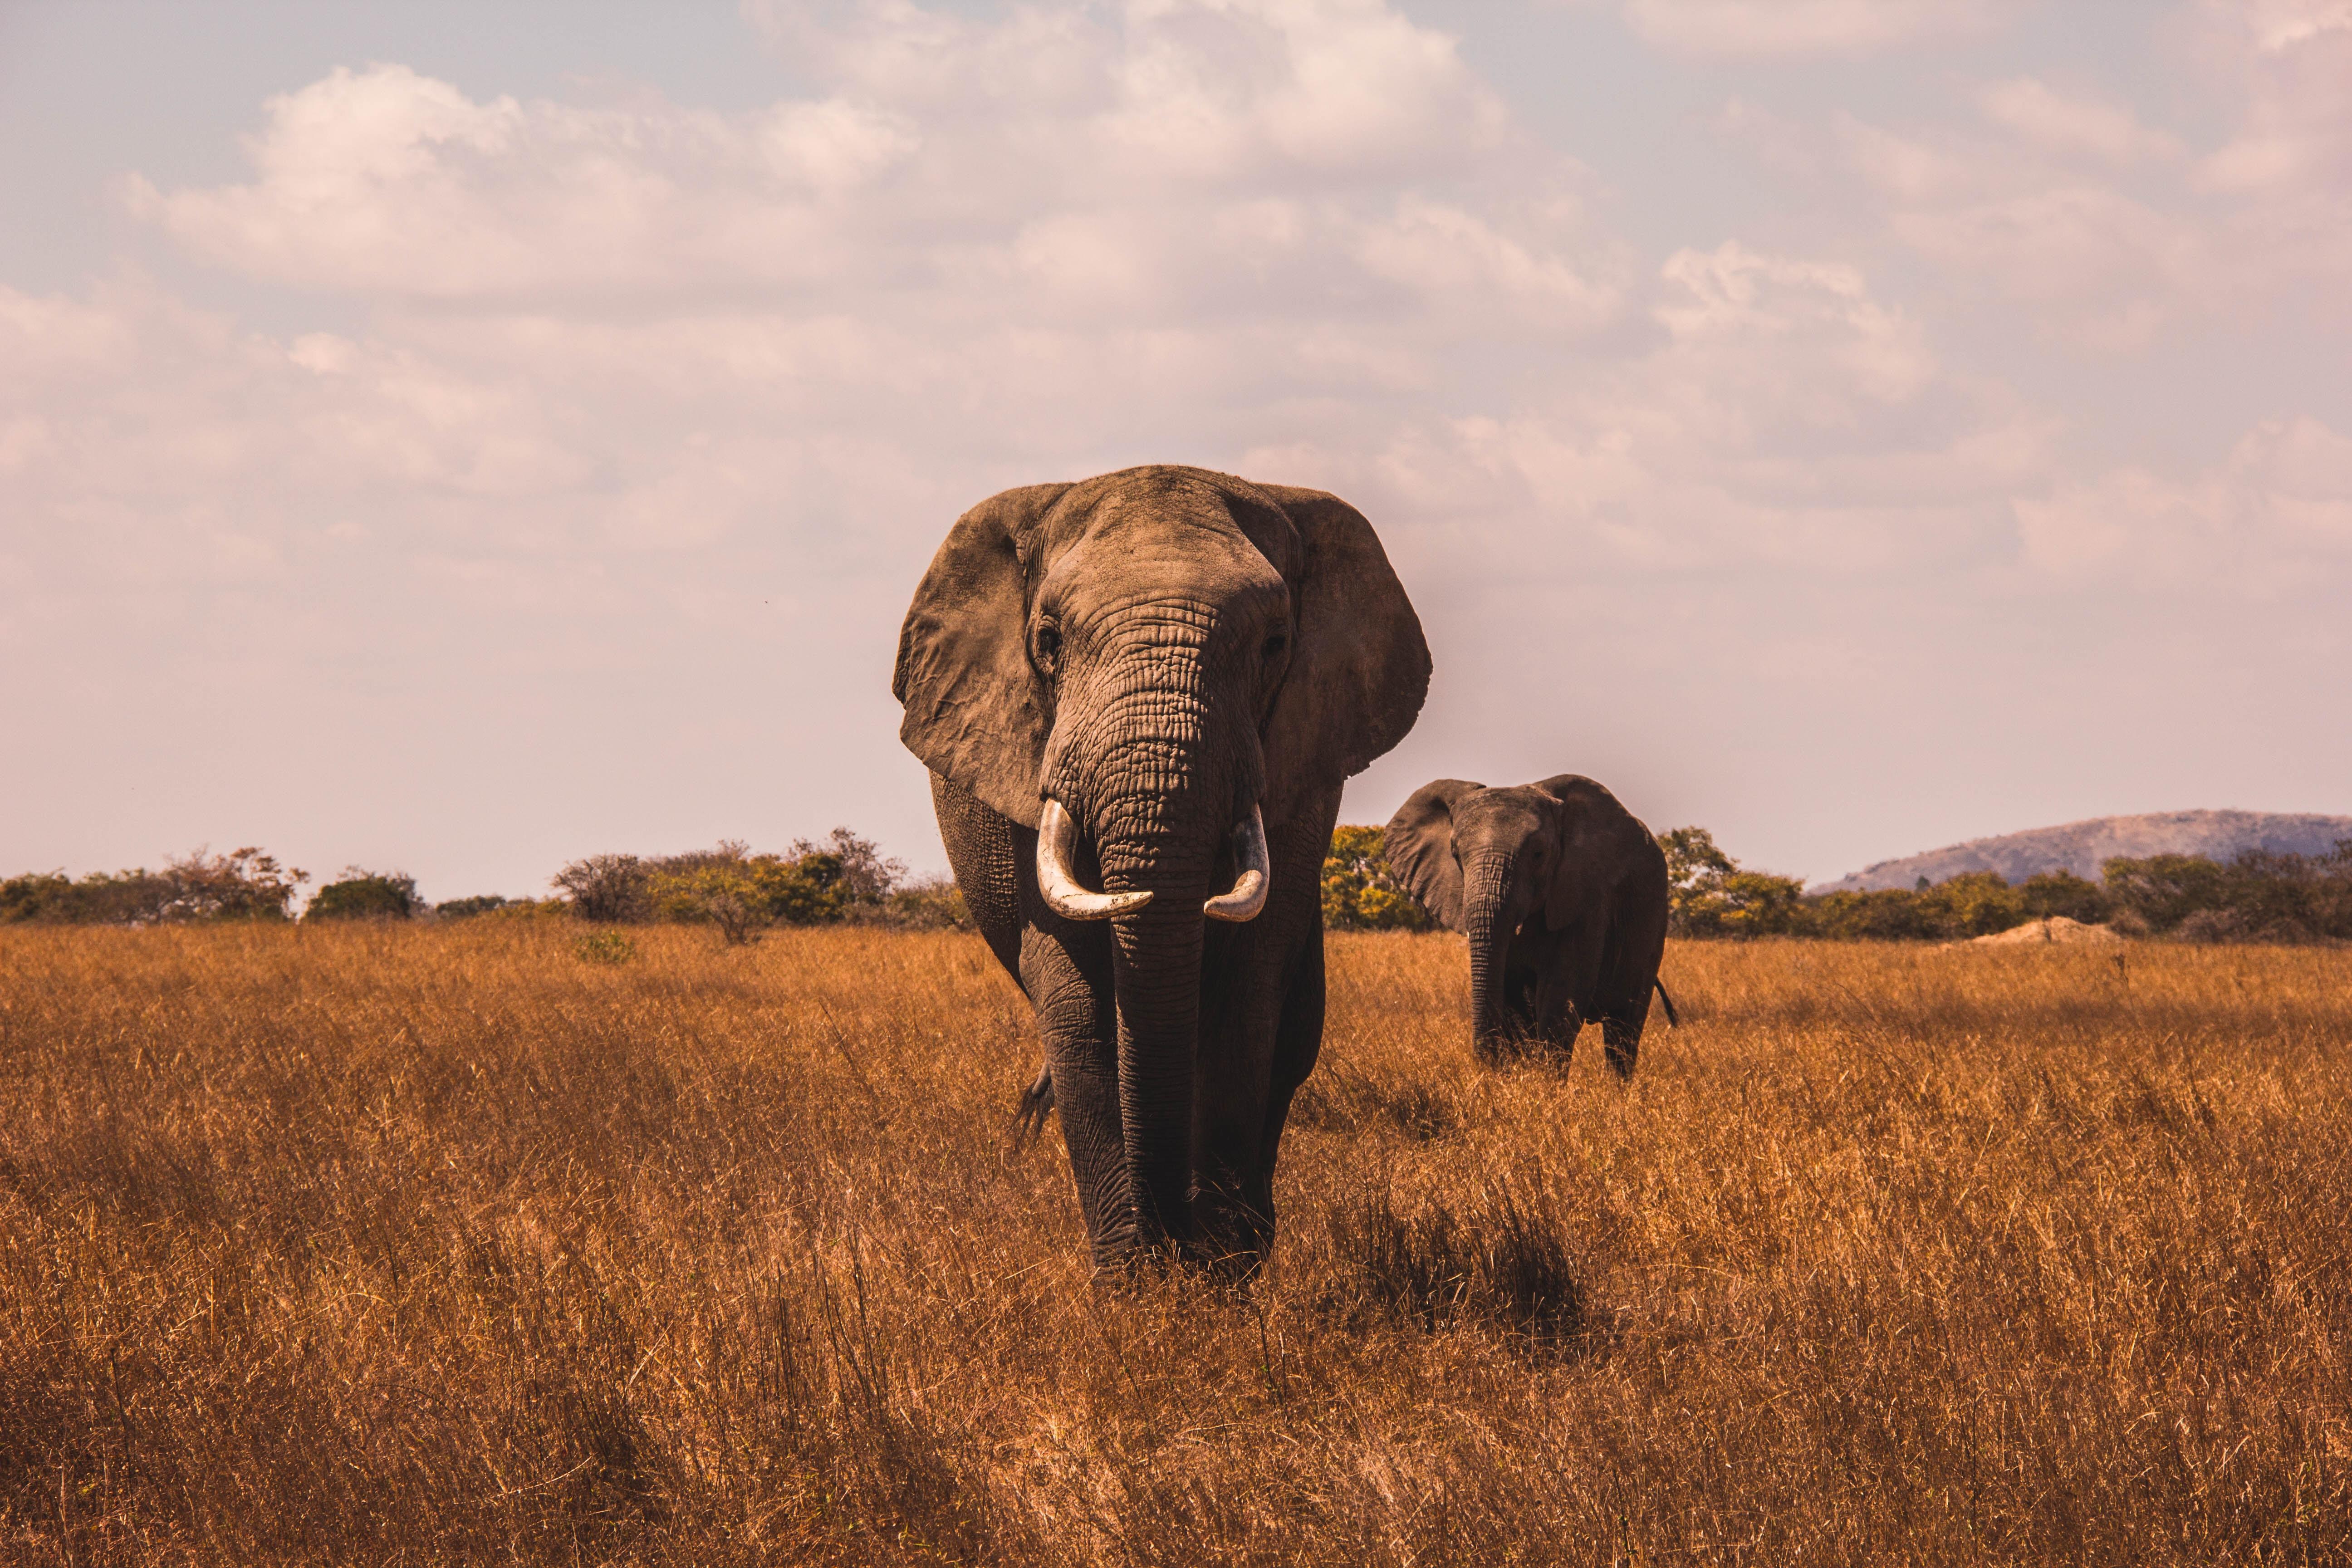 Картинка: Слоны, трава, идёт, небо, поле